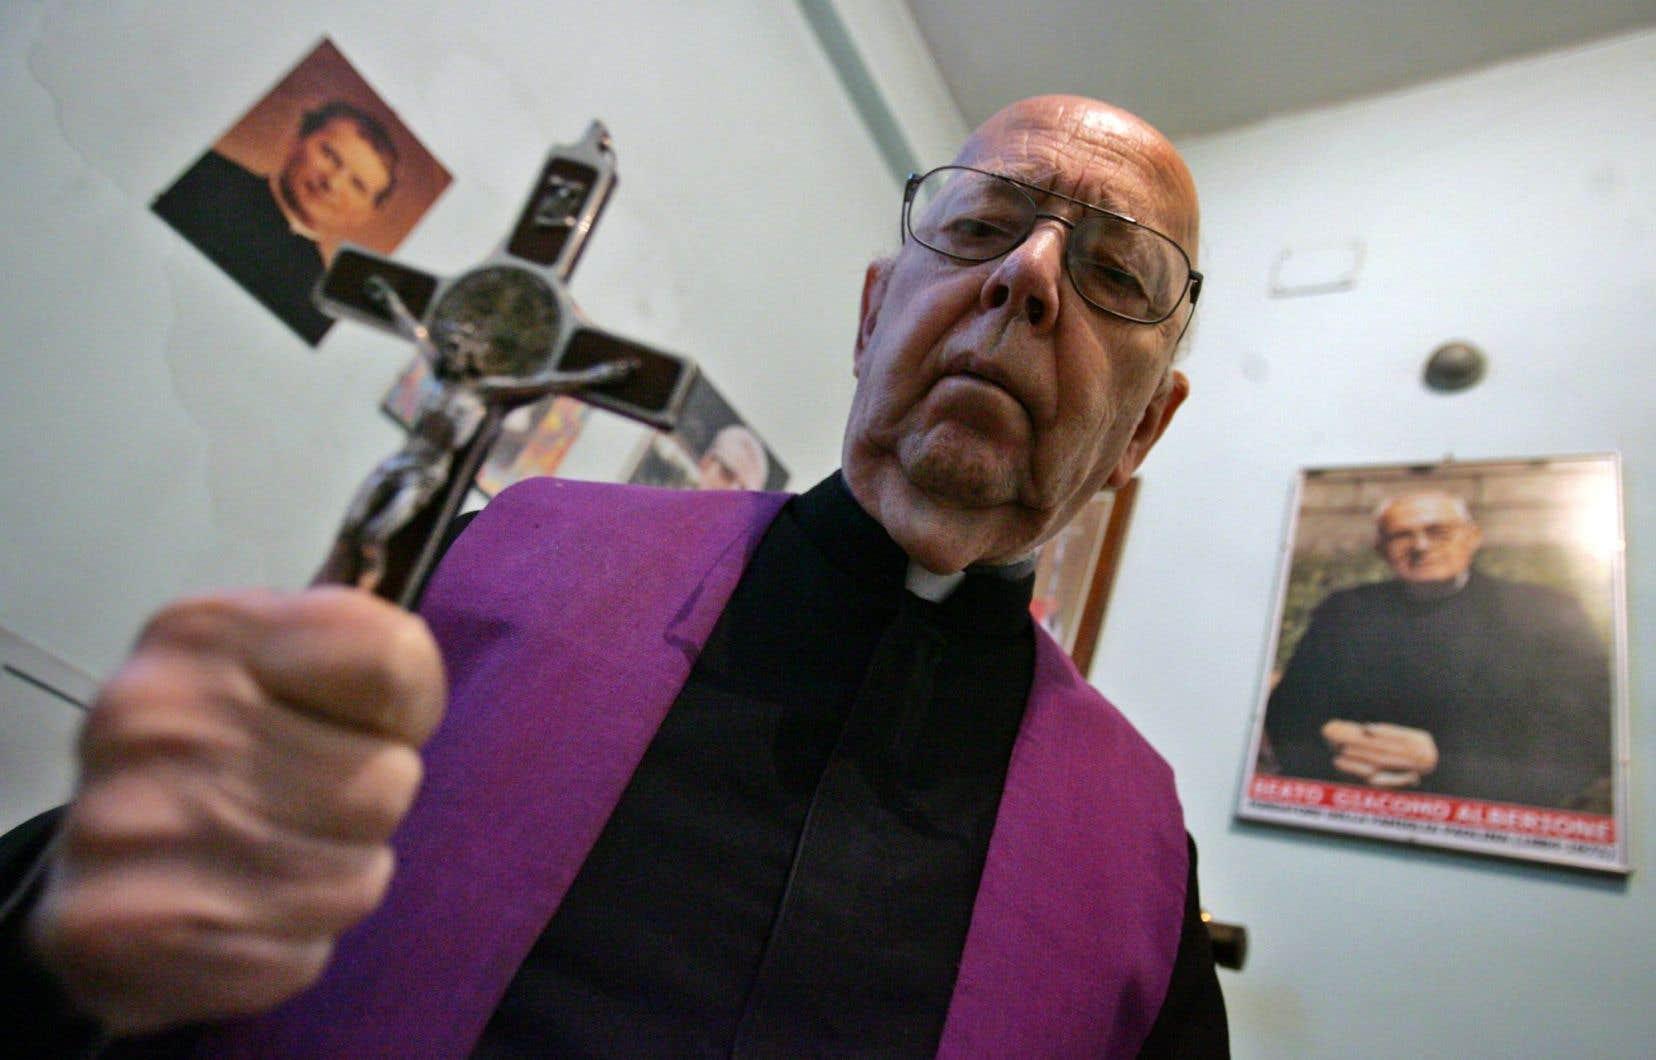 L'ancien exorciste du Vatican et du diocèse de Rome, Gabriele Amorth, photographié ici en 2005